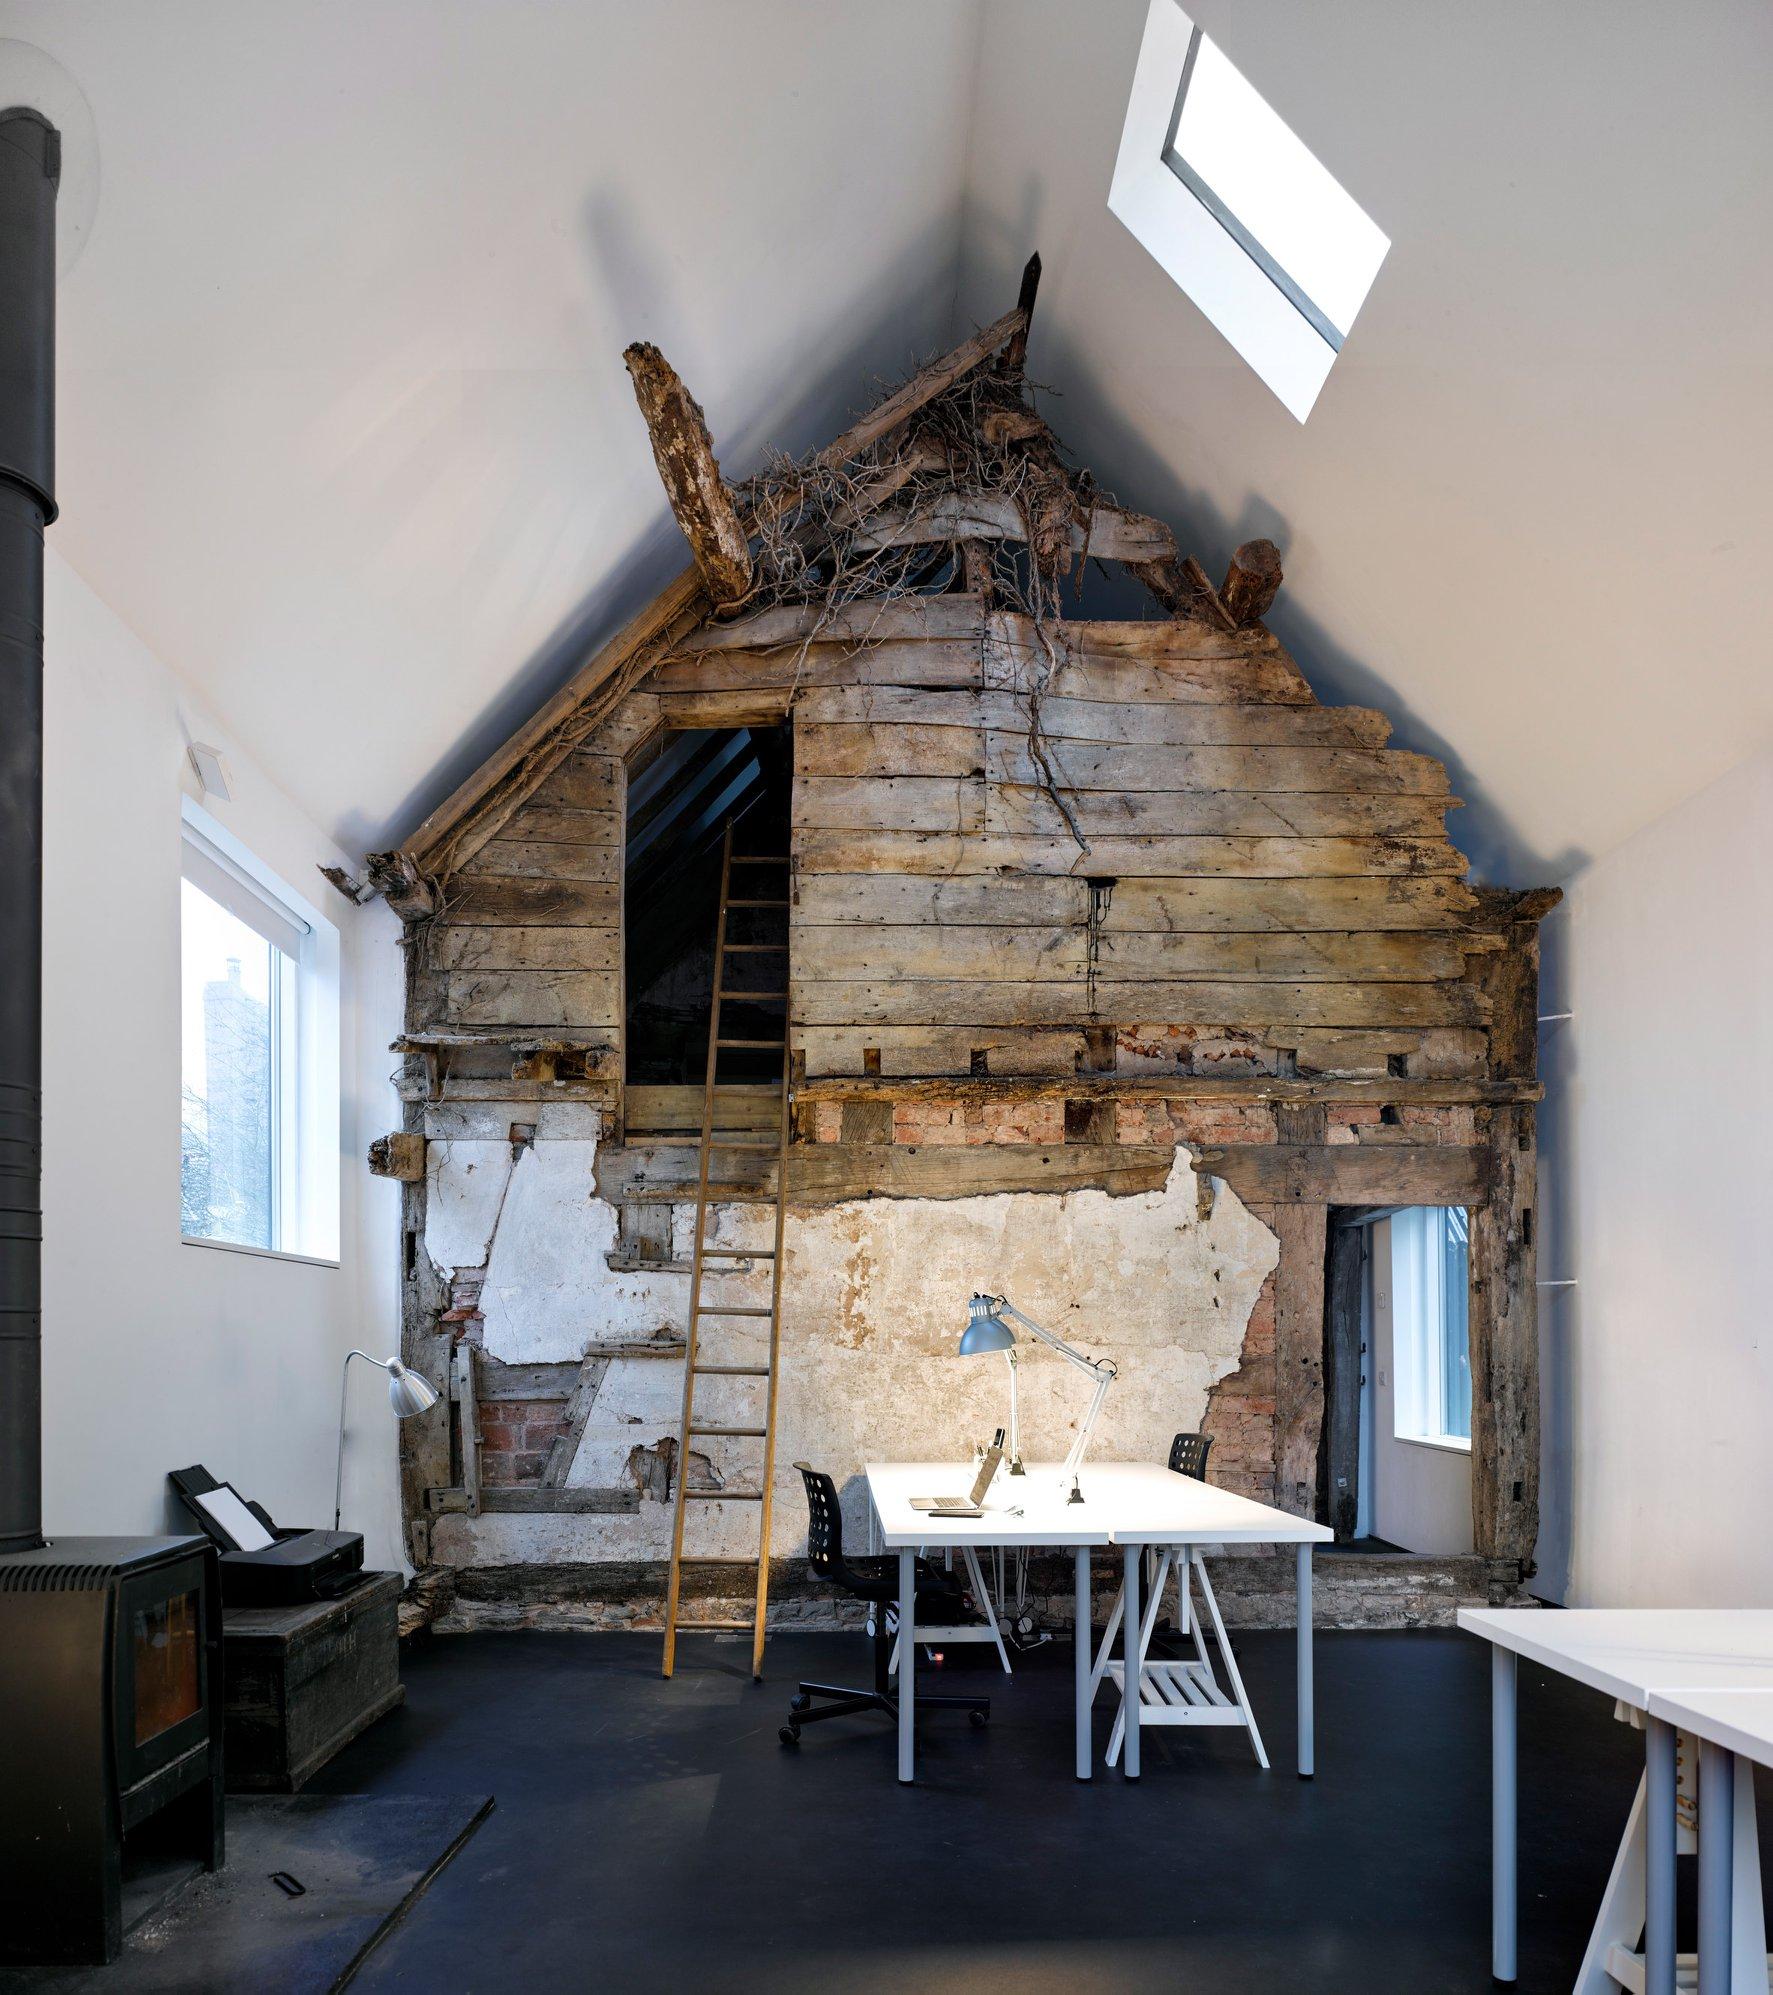 Реставрация на 300-годишна къща от David Connor Design и Kate Darby Architects